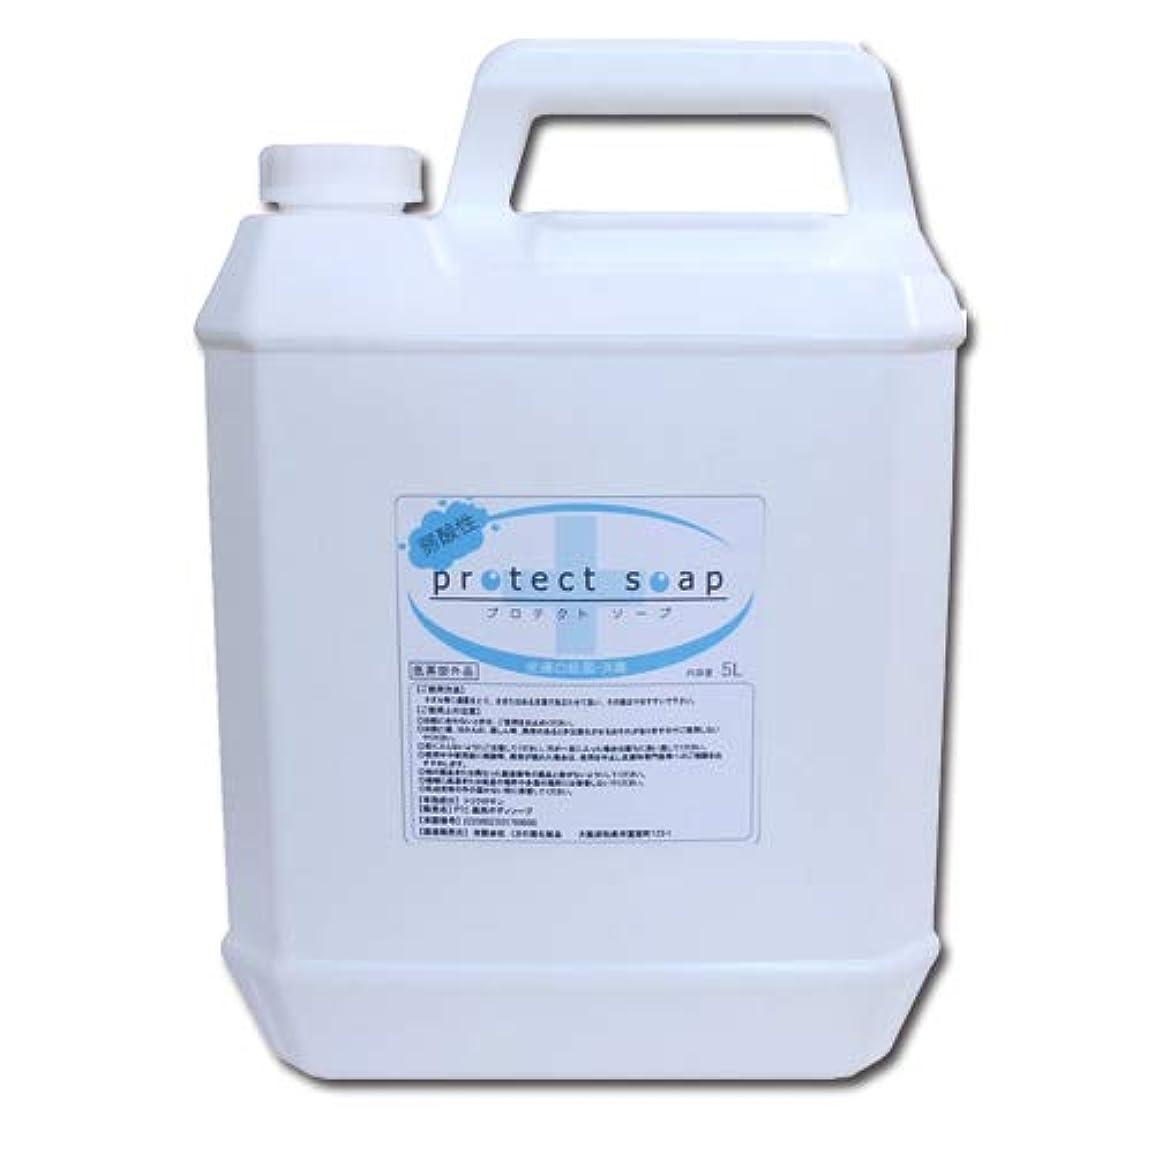 お香マイクロアテンダント低刺激弱酸性 液体石鹸 プロテクトソープ 5L 業務用│せっけん液 液体せっけん 殺菌?消毒 インフルエンザ?ノロウィルス対策